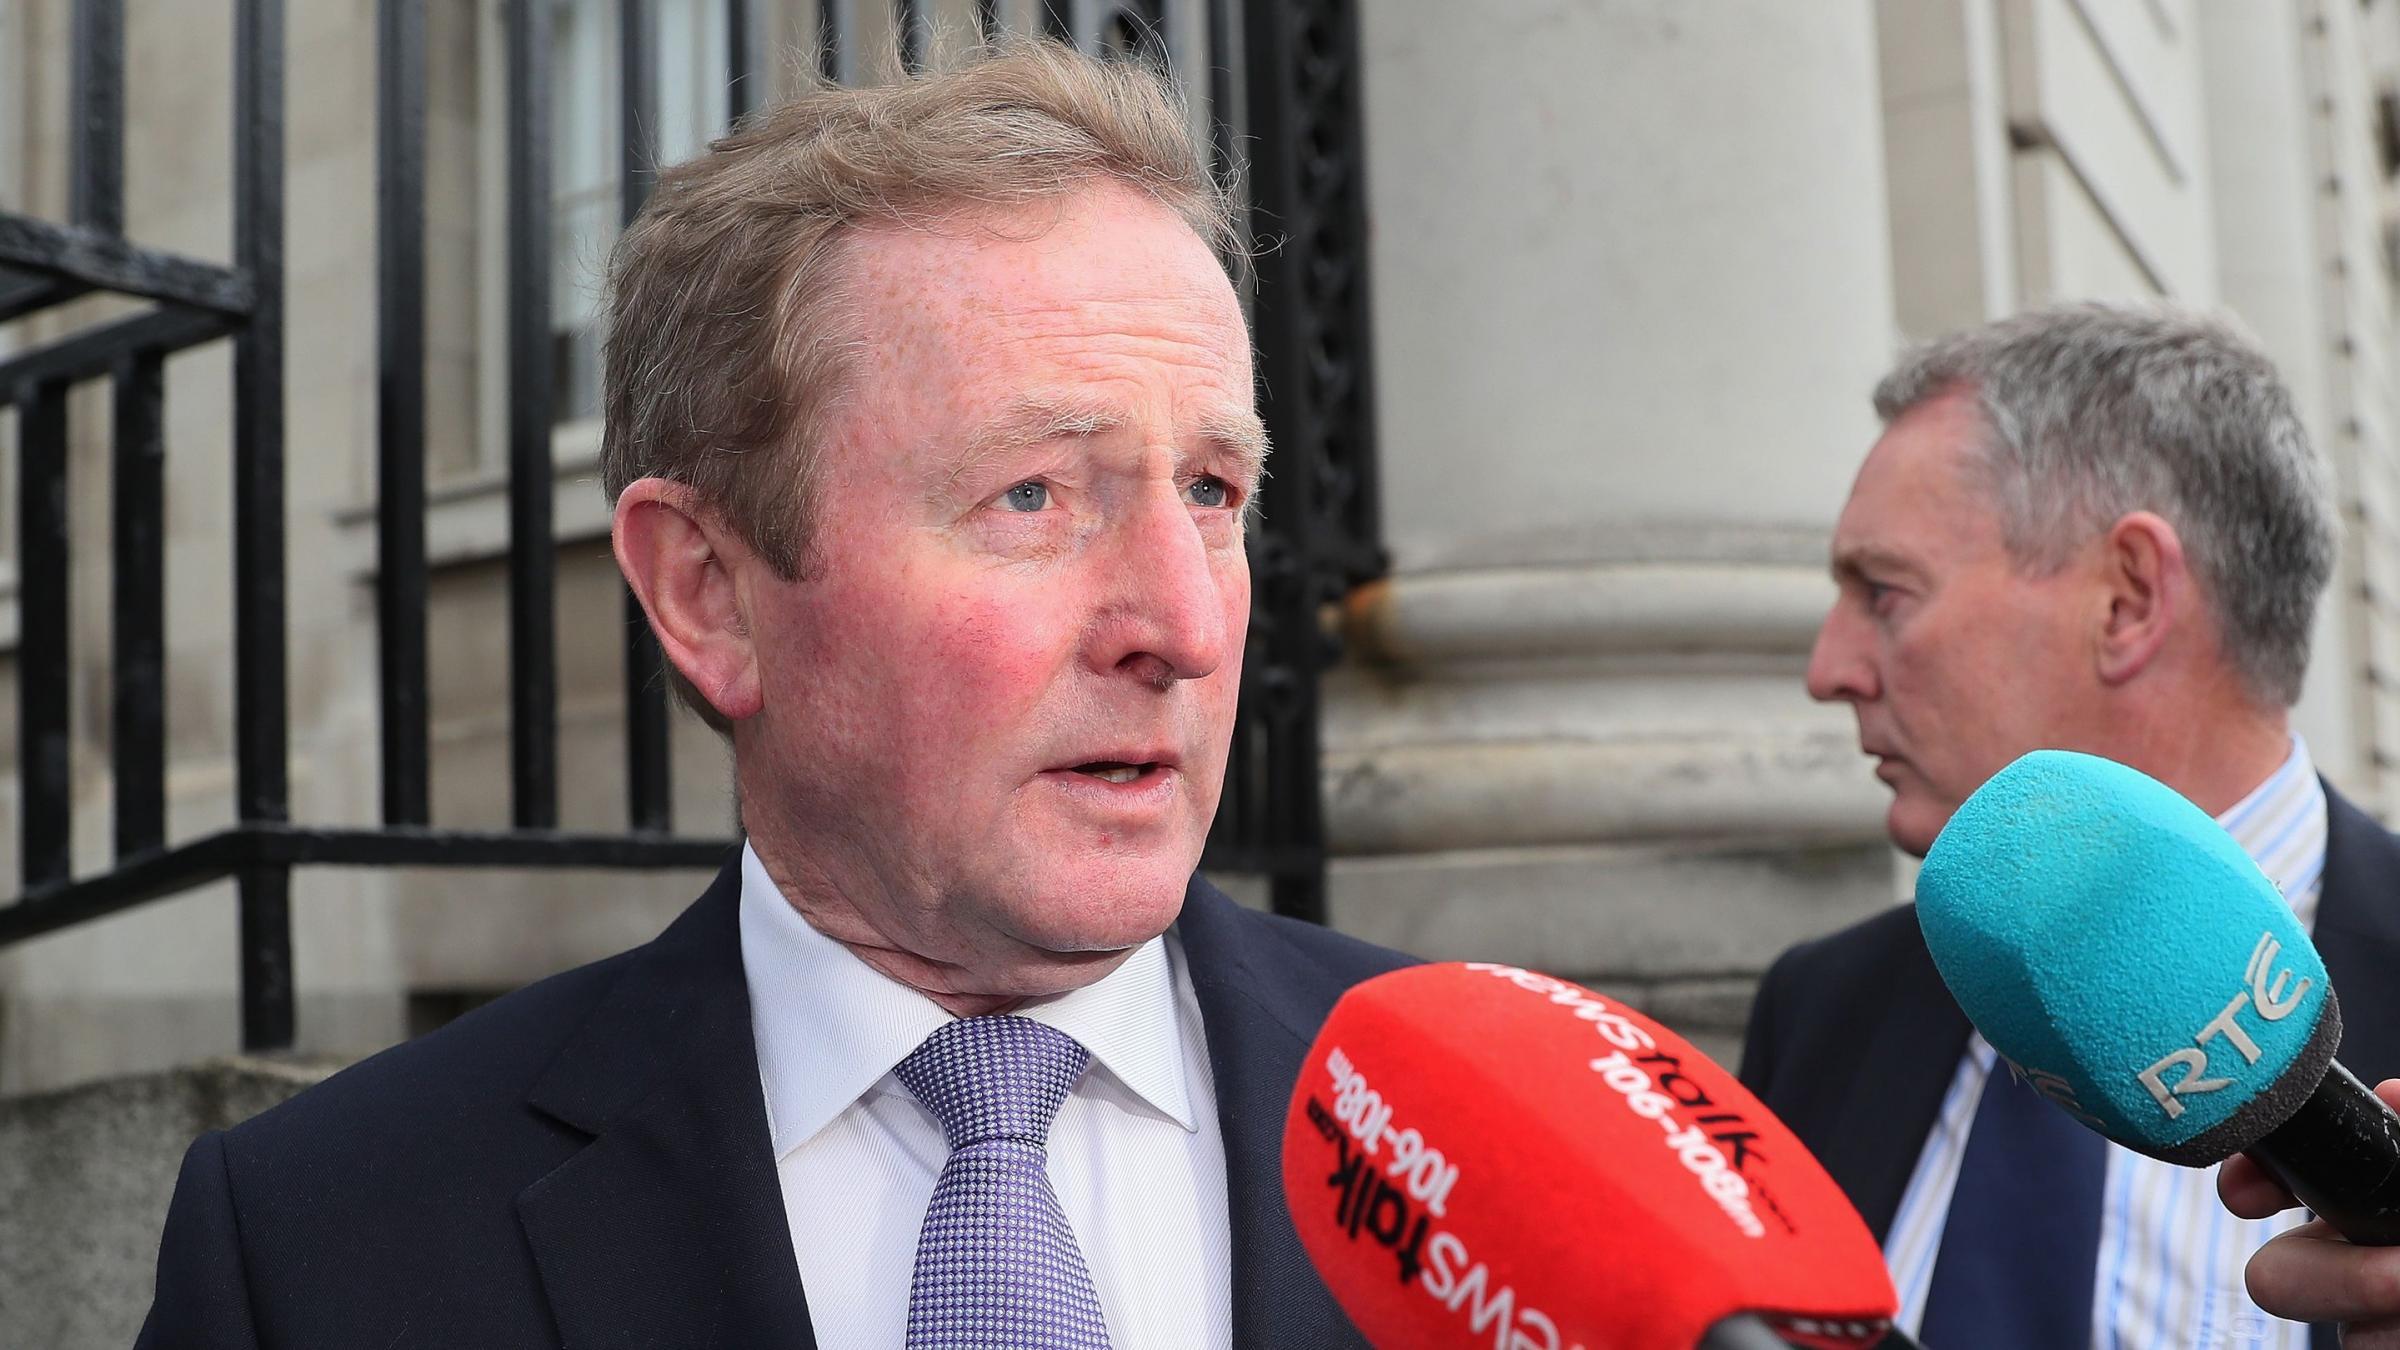 Leo Varadkar elected as Ireland's PM